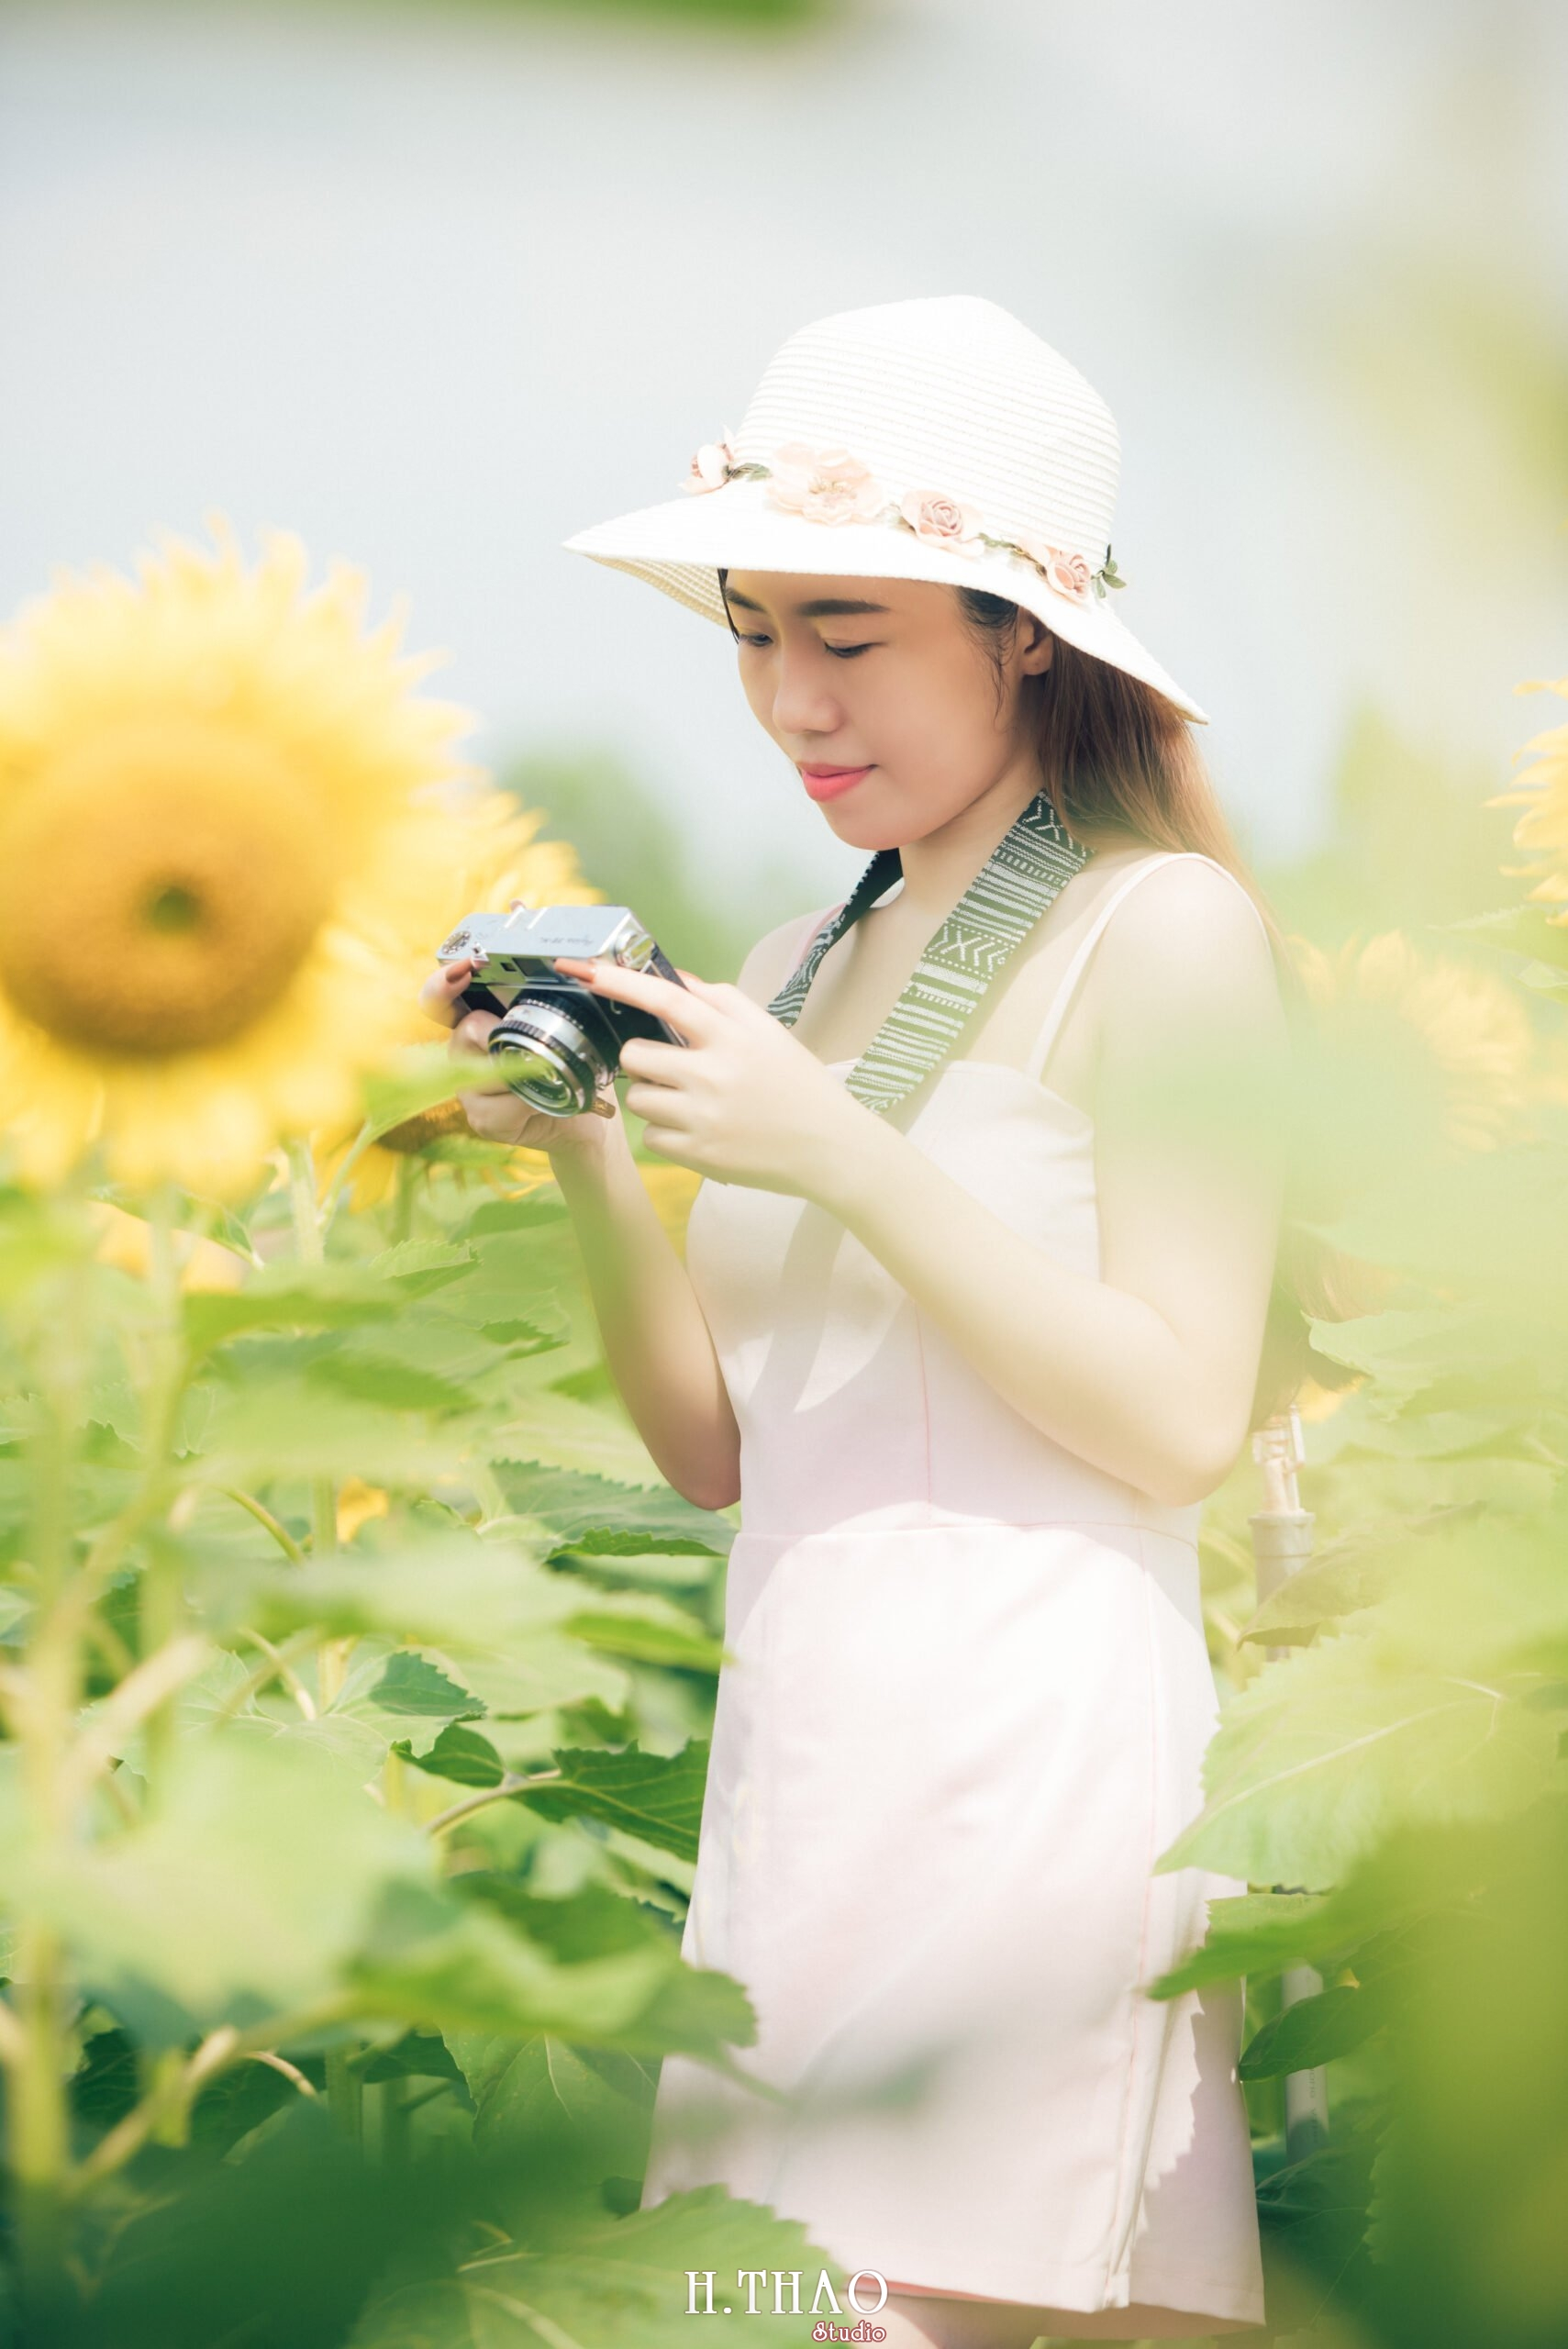 Anh be Mai 10 scaled - Concept Chụp ảnh nghệ thuật phong cách Vintage - HThao Studio